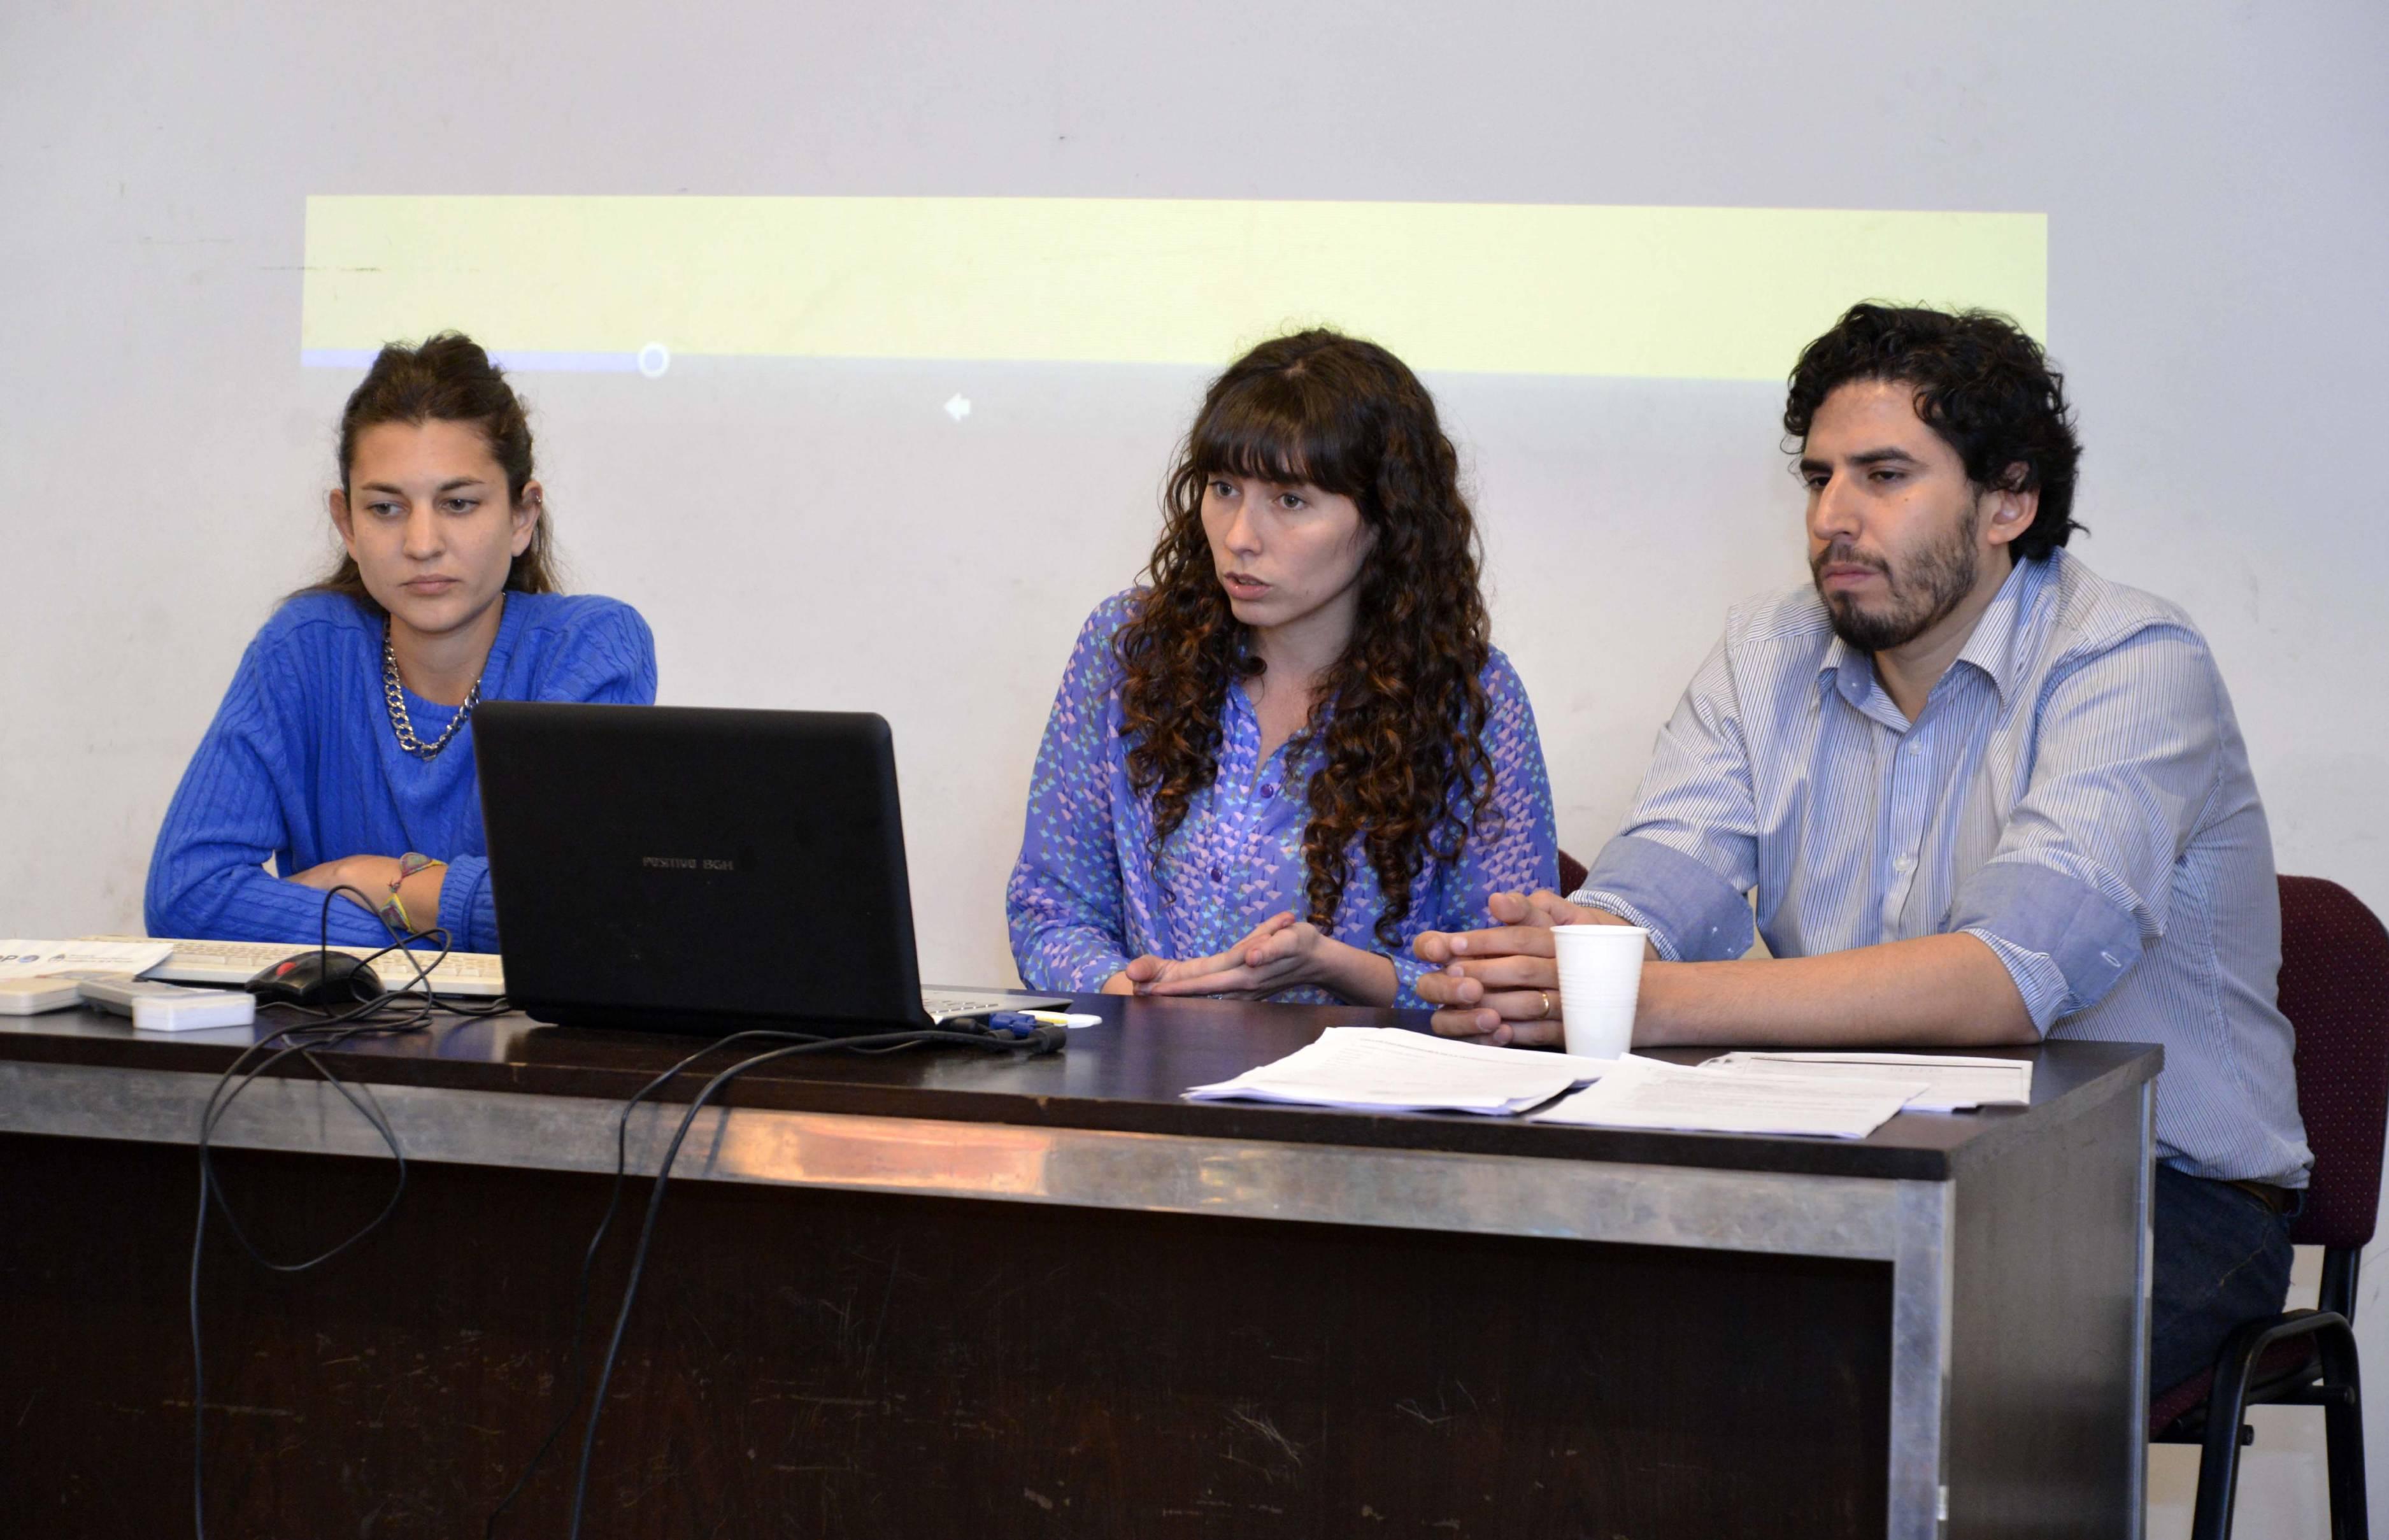 Con Vos en la Web realizó una charla en la Asociación Sindrome de Down Argentina